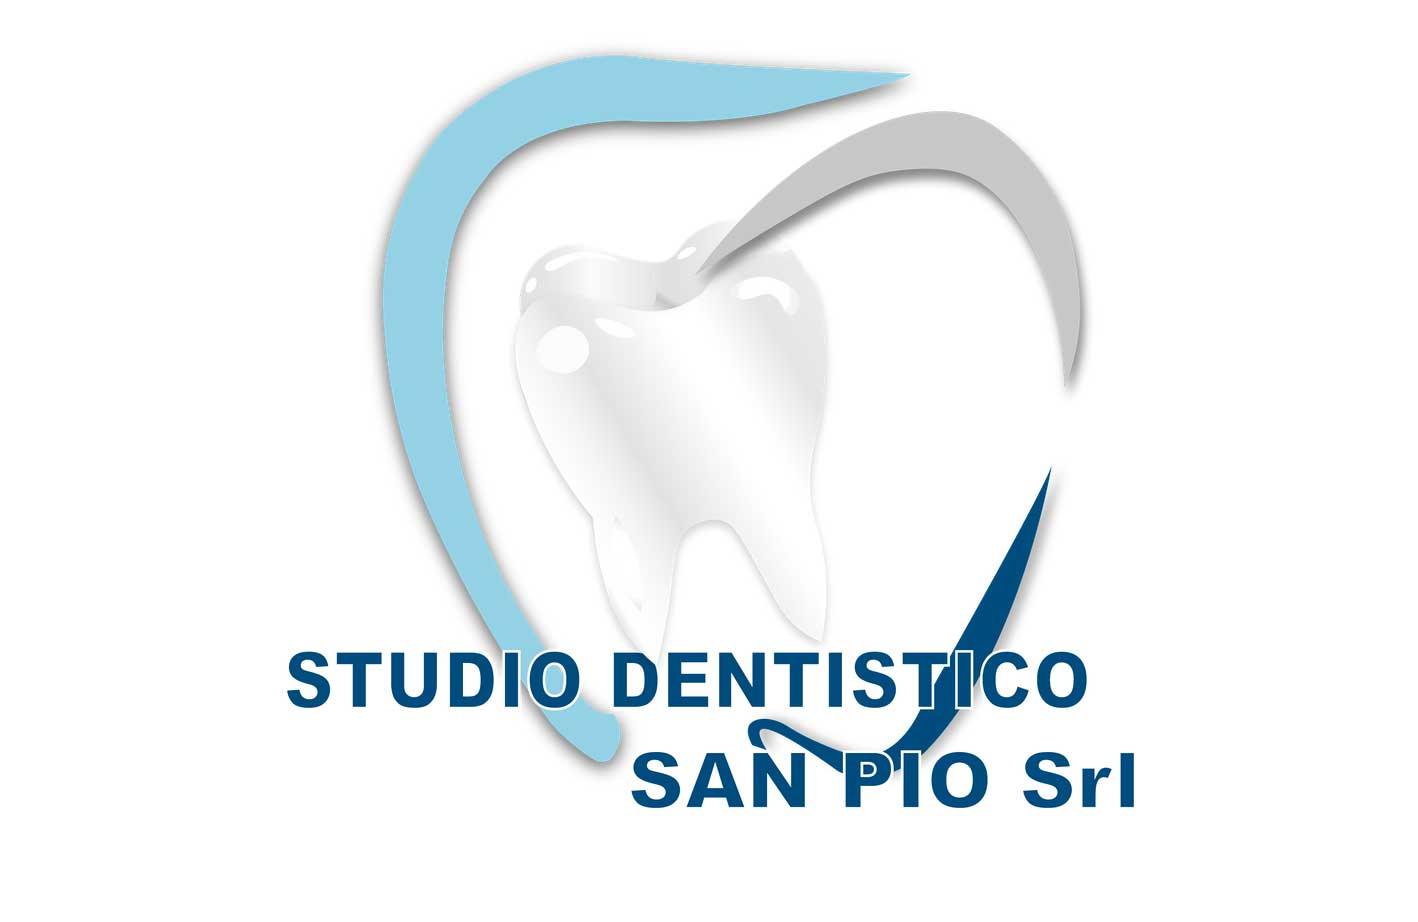 STUDIO DENTISTICO SAN PIO SRL